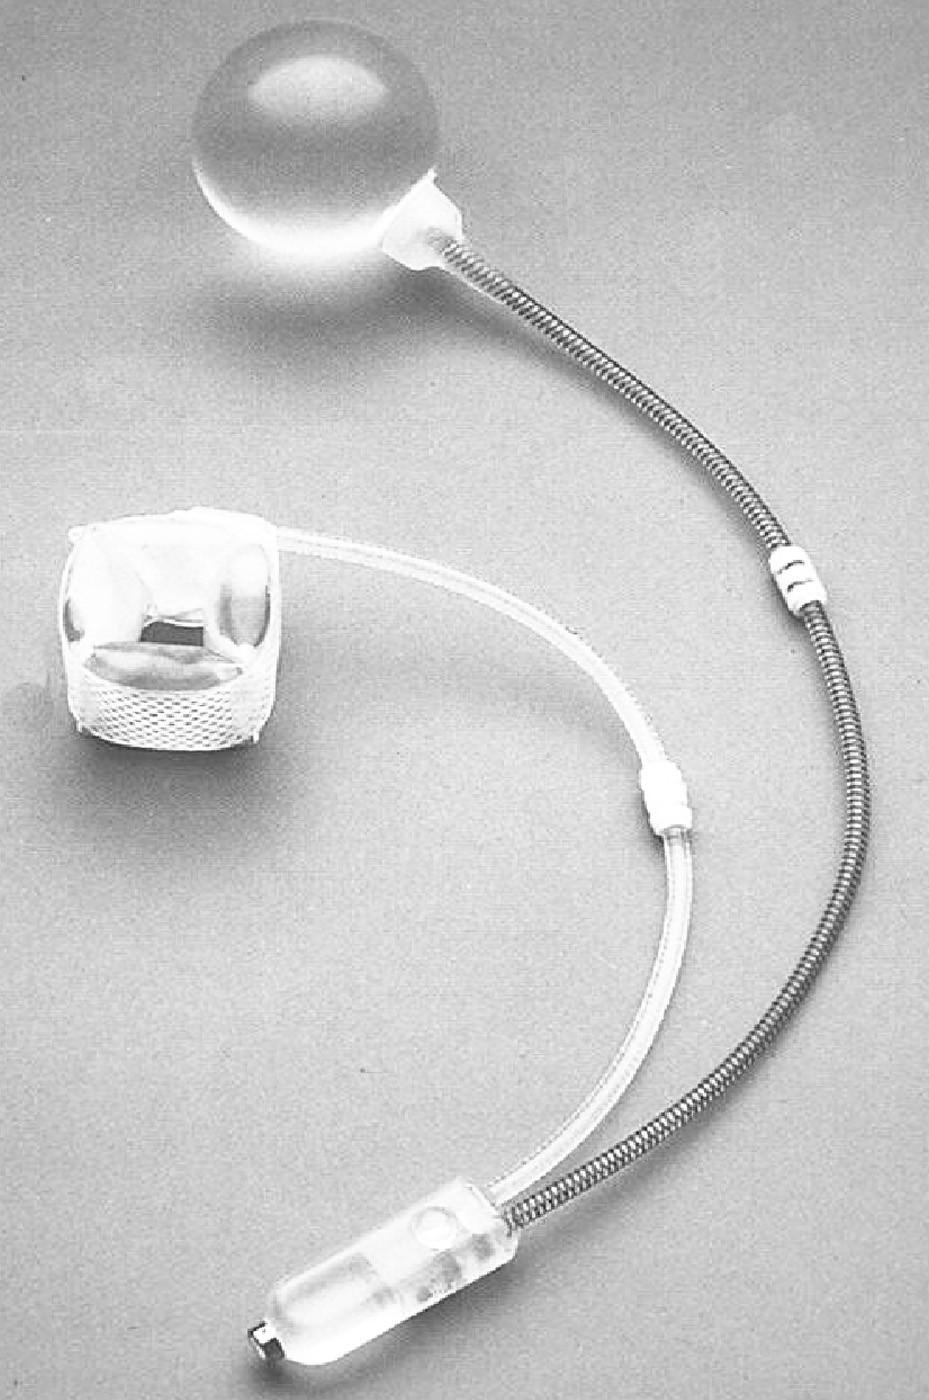 Umělý svěrač anu Pic. 1. Artificial of the anus sphincter